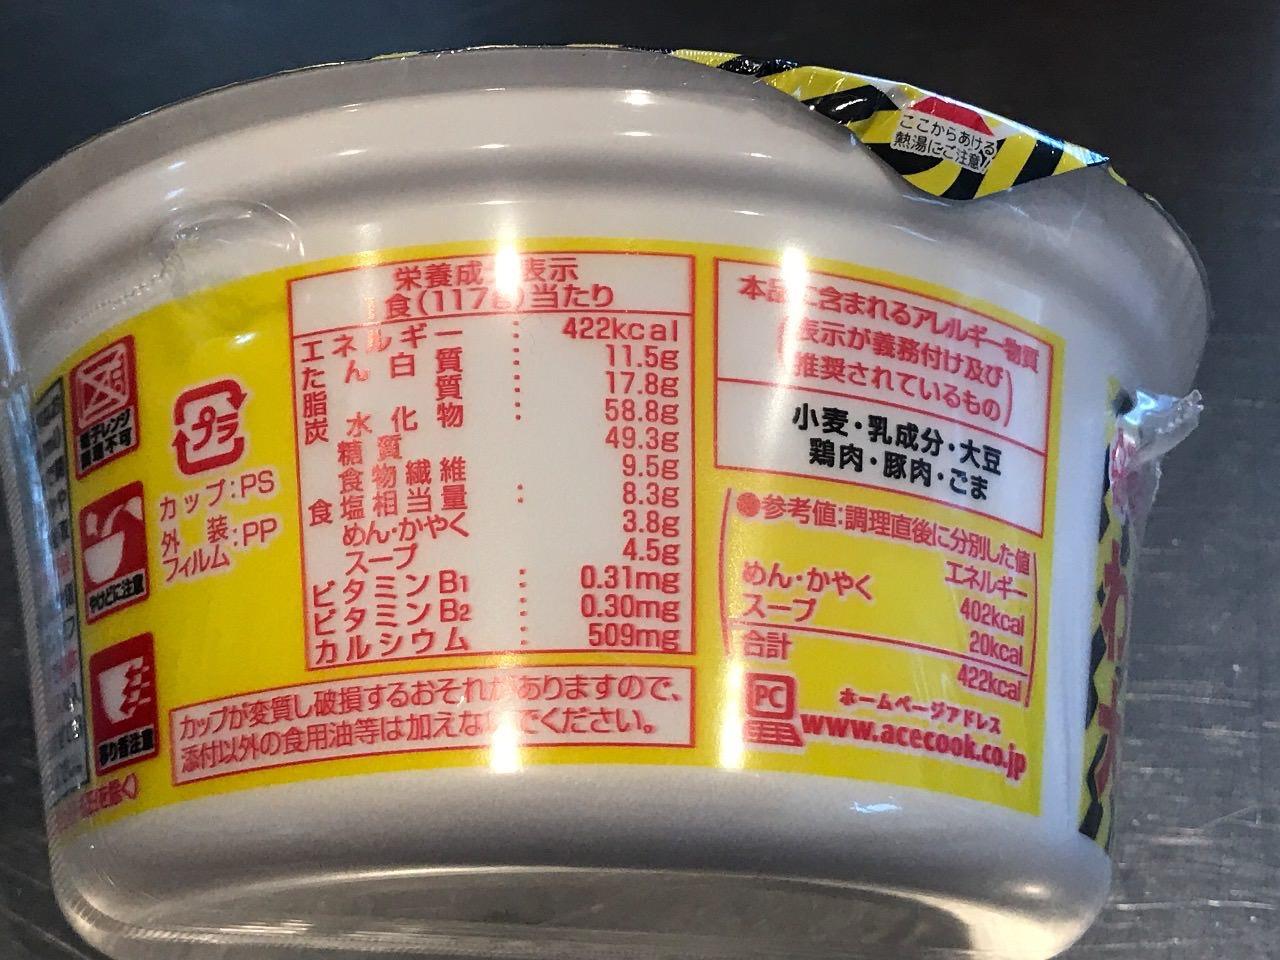 わかめラーメン 麺大盛りでわかめ7倍